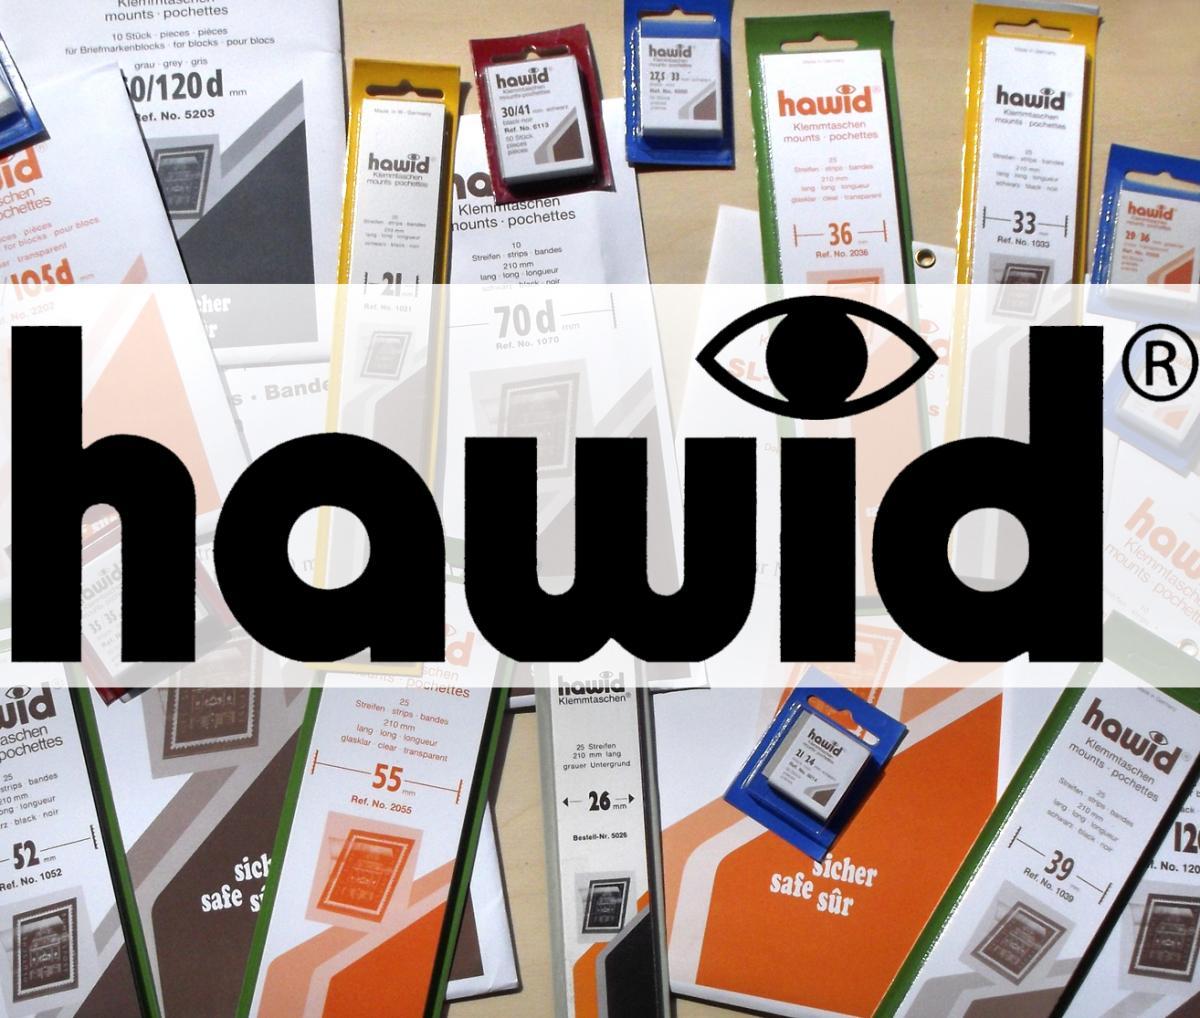 HAWID SL-Streifen 265x110 mm, glasklar, 8 Stück, d* 0